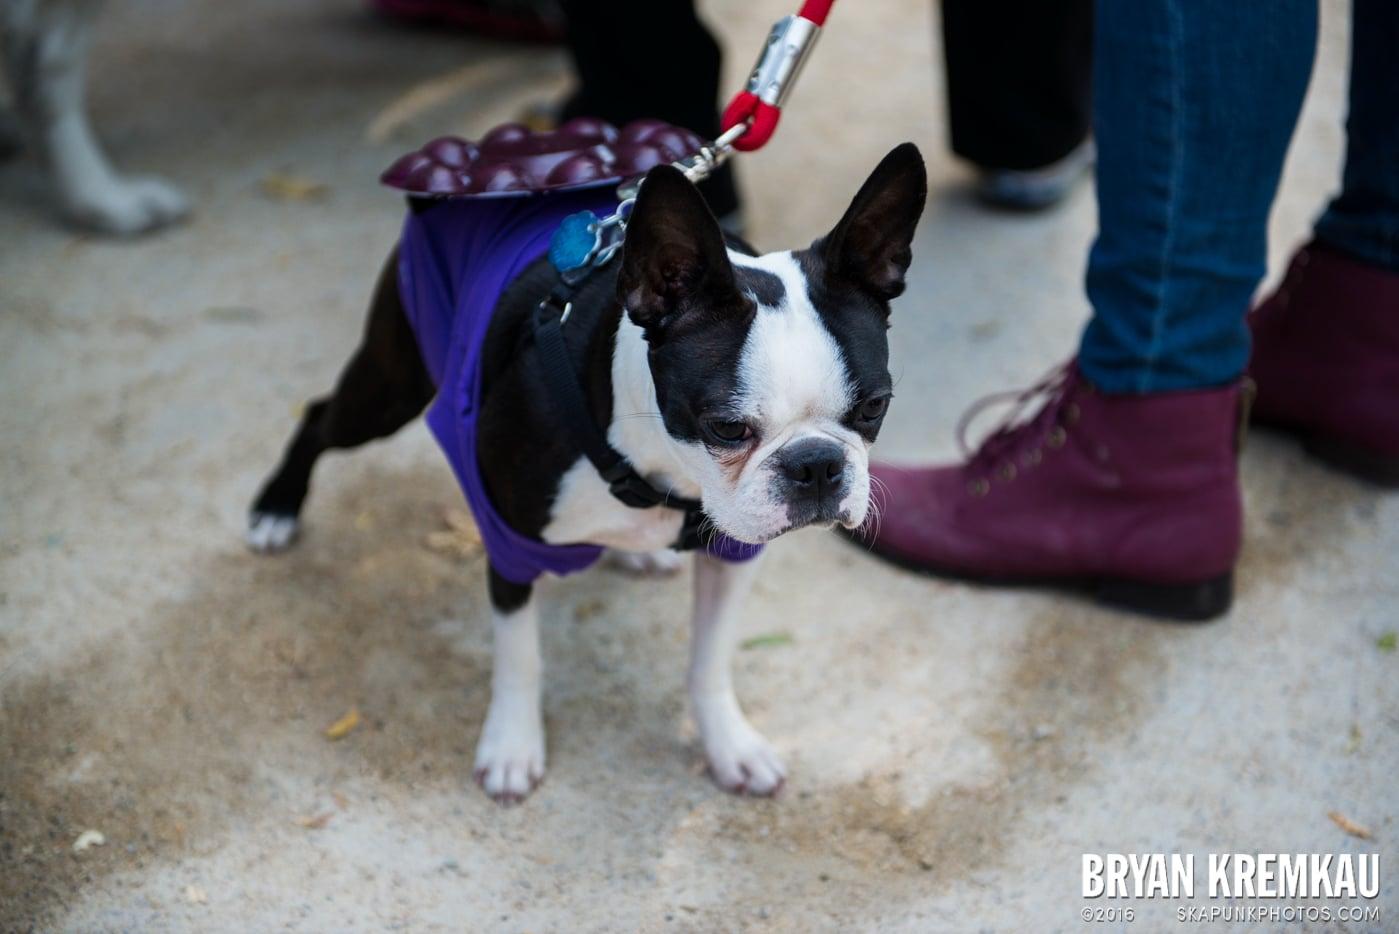 Tompkins Square Halloween Dog Parade 2013 @ Tompkins Square Park, NYC - 10.26.13 (46)